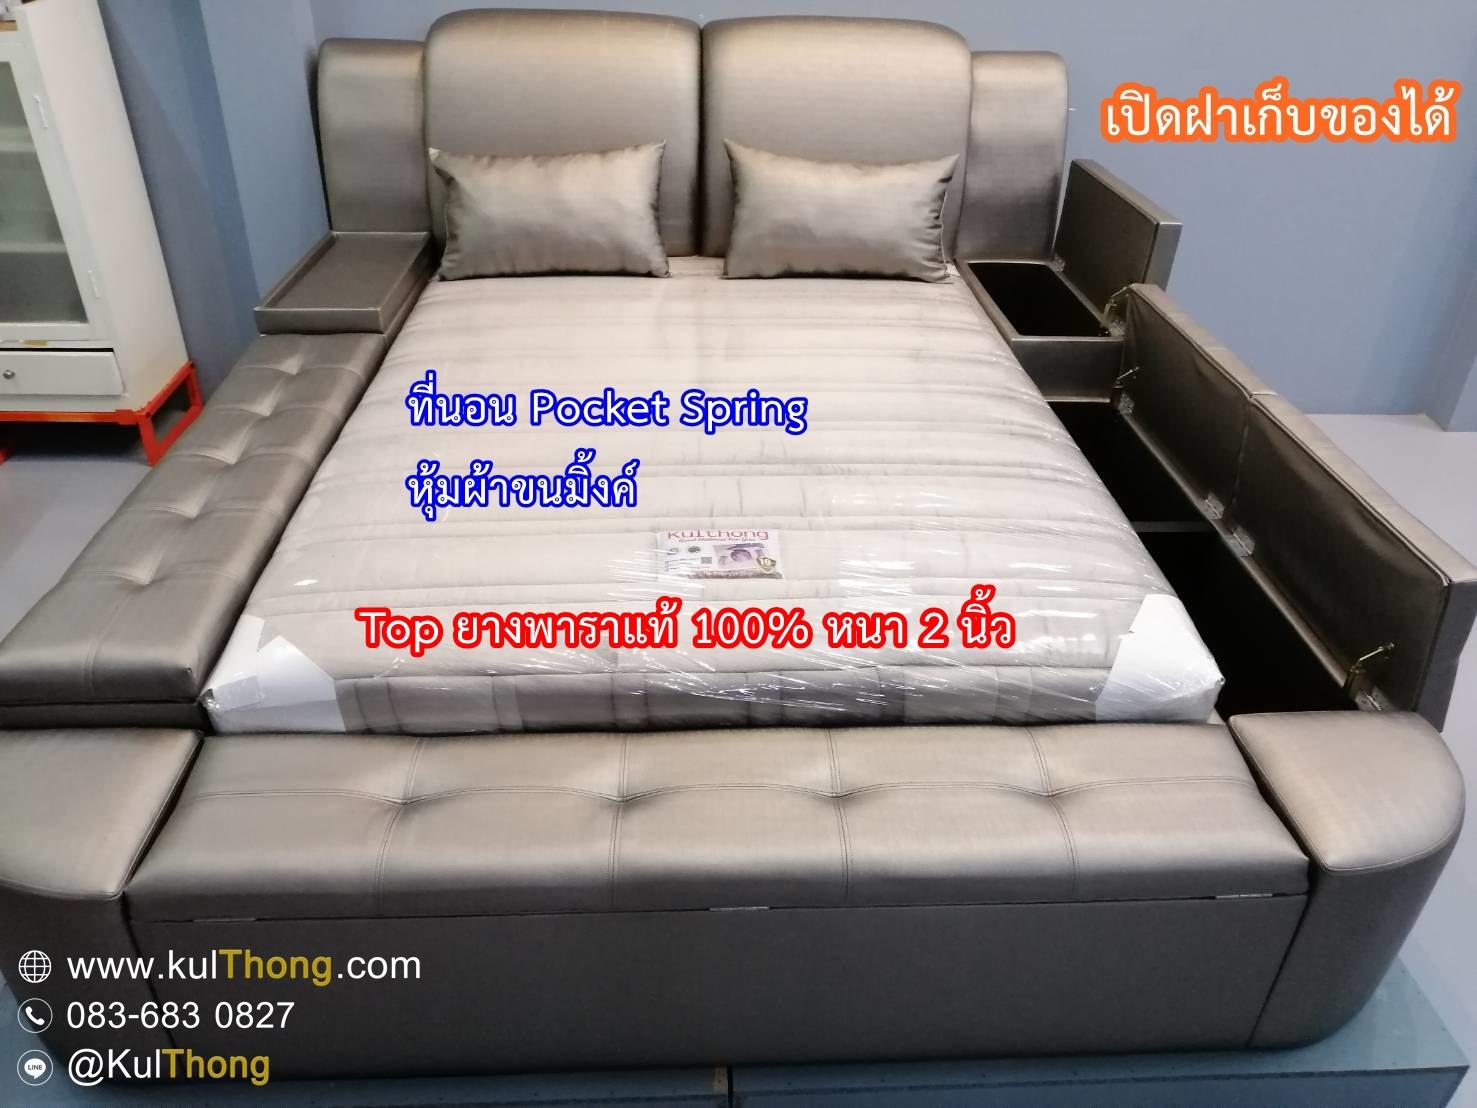 เตียงกล่องหุ้มหนัง เตียงกล่อง เตียงเก็บของ